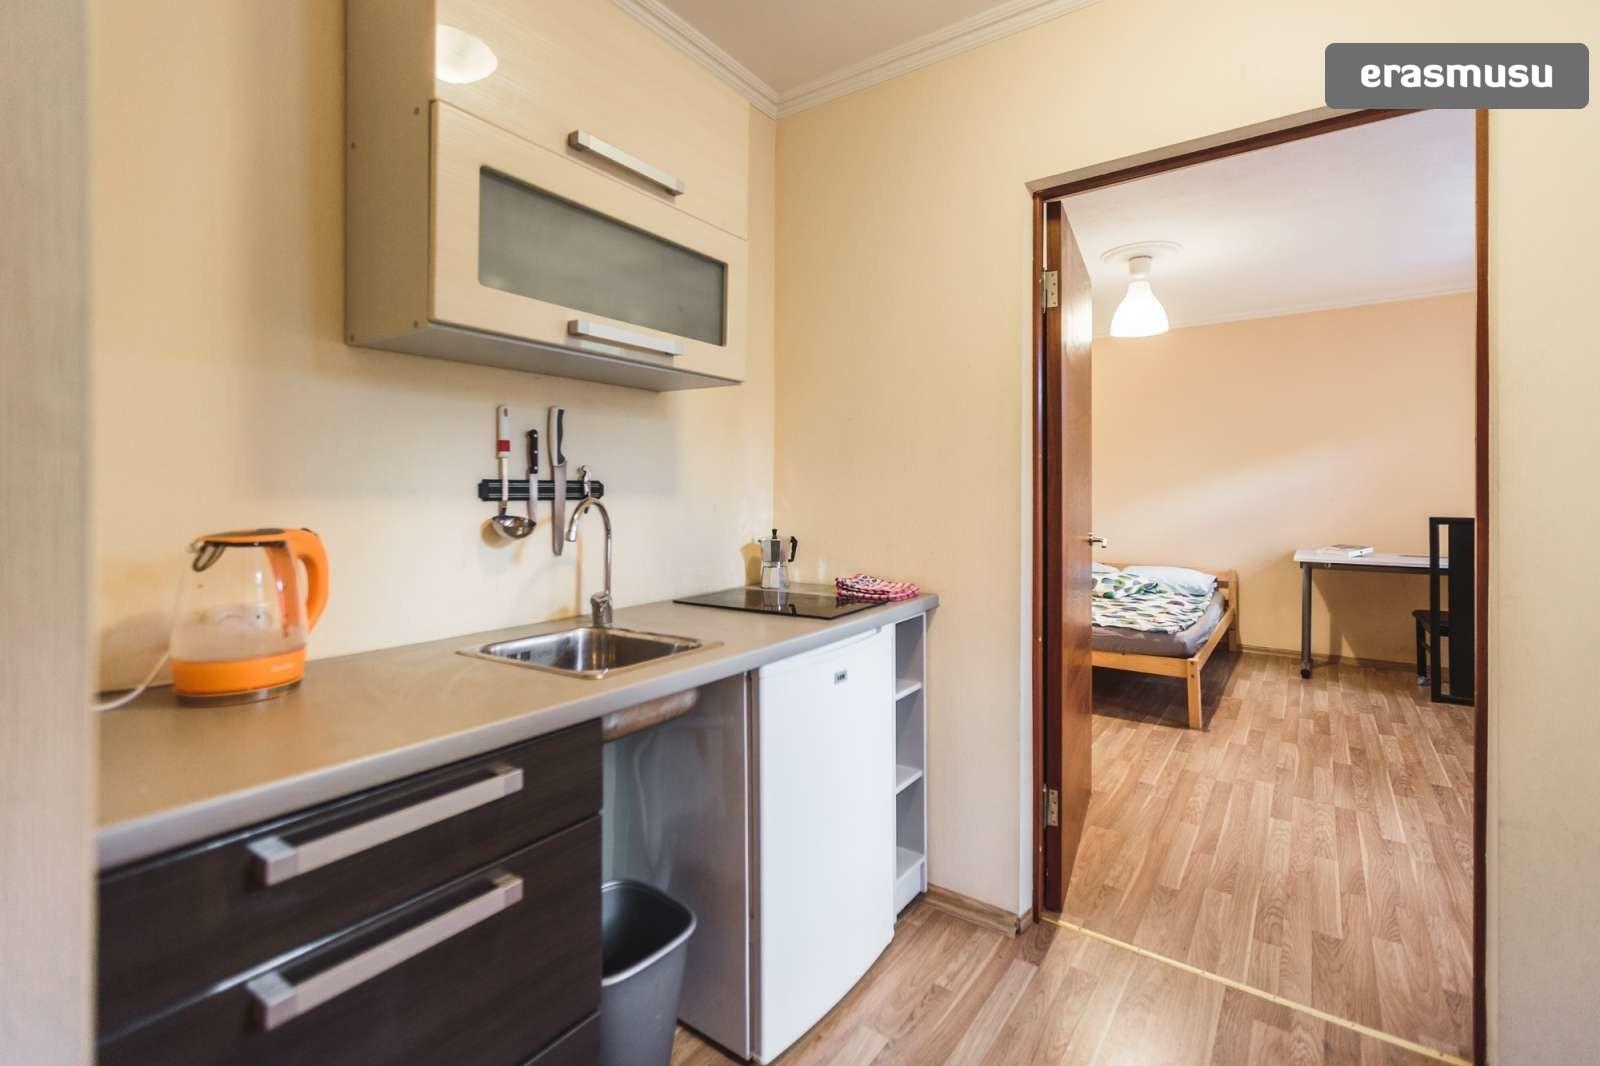 stylish-studio-apartment-rent-avoti-670e22ea40e6db12a715a03fccd5